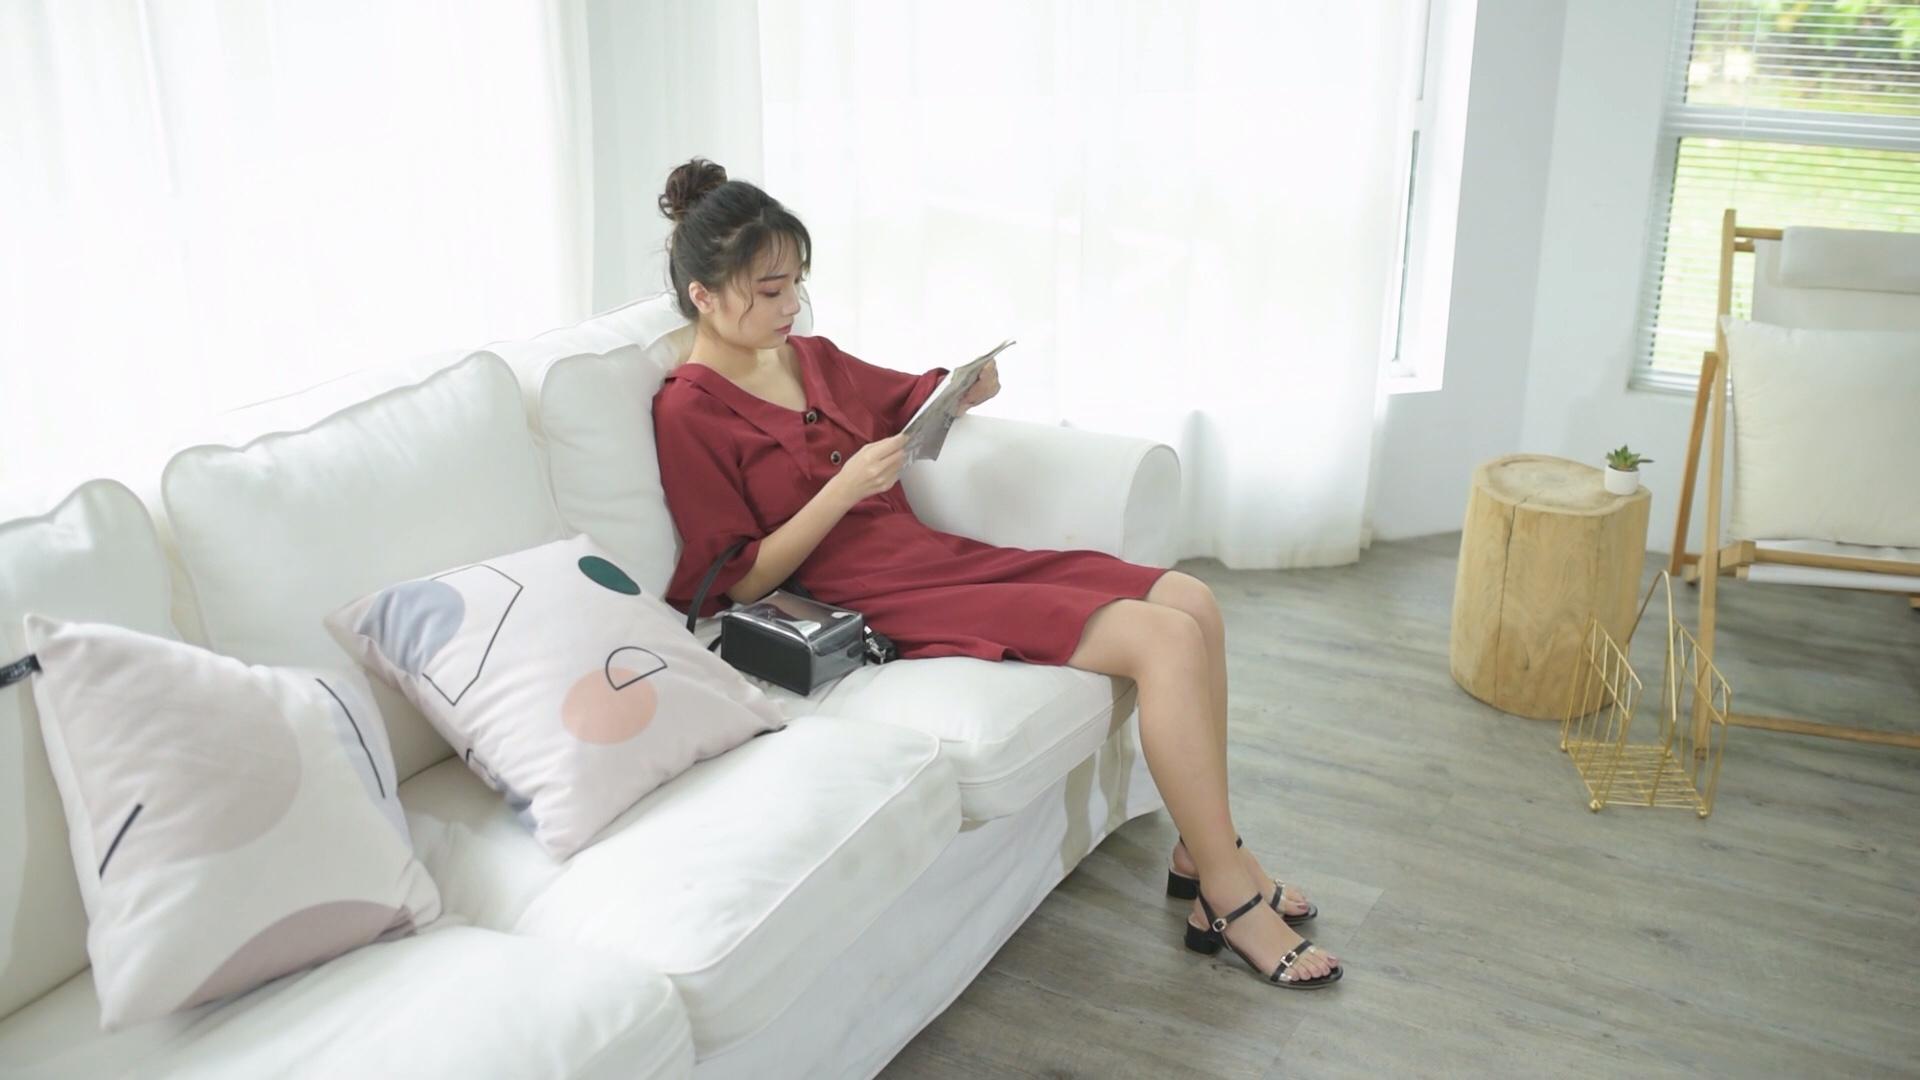 #简约气质穿搭,占领办公室C位!# 穿红色裙子的人并不多,但是穿起红色裙子却是非常好看,可以一下成为人群里的焦点。那么红色裙子搭配什么鞋子才最好看呢?热烈的红色充满生机,俏皮又时髦,而连衣裙搭配中跟凉鞋,无论你是想要文艺复古风还是青春活力范,都能轻松帮你打造。红色色调本身就给人一种视觉上的冲击感,尽显热情魅力,红色连衣裙搭配凉鞋,更是给人尽显性感的女人气质。红色连衣裙搭配凉鞋,简单有型还显得很清爽动人。正因为红色是一种活力、热情、充满朝气的颜色,所以夏日穿起来超有感觉哦。